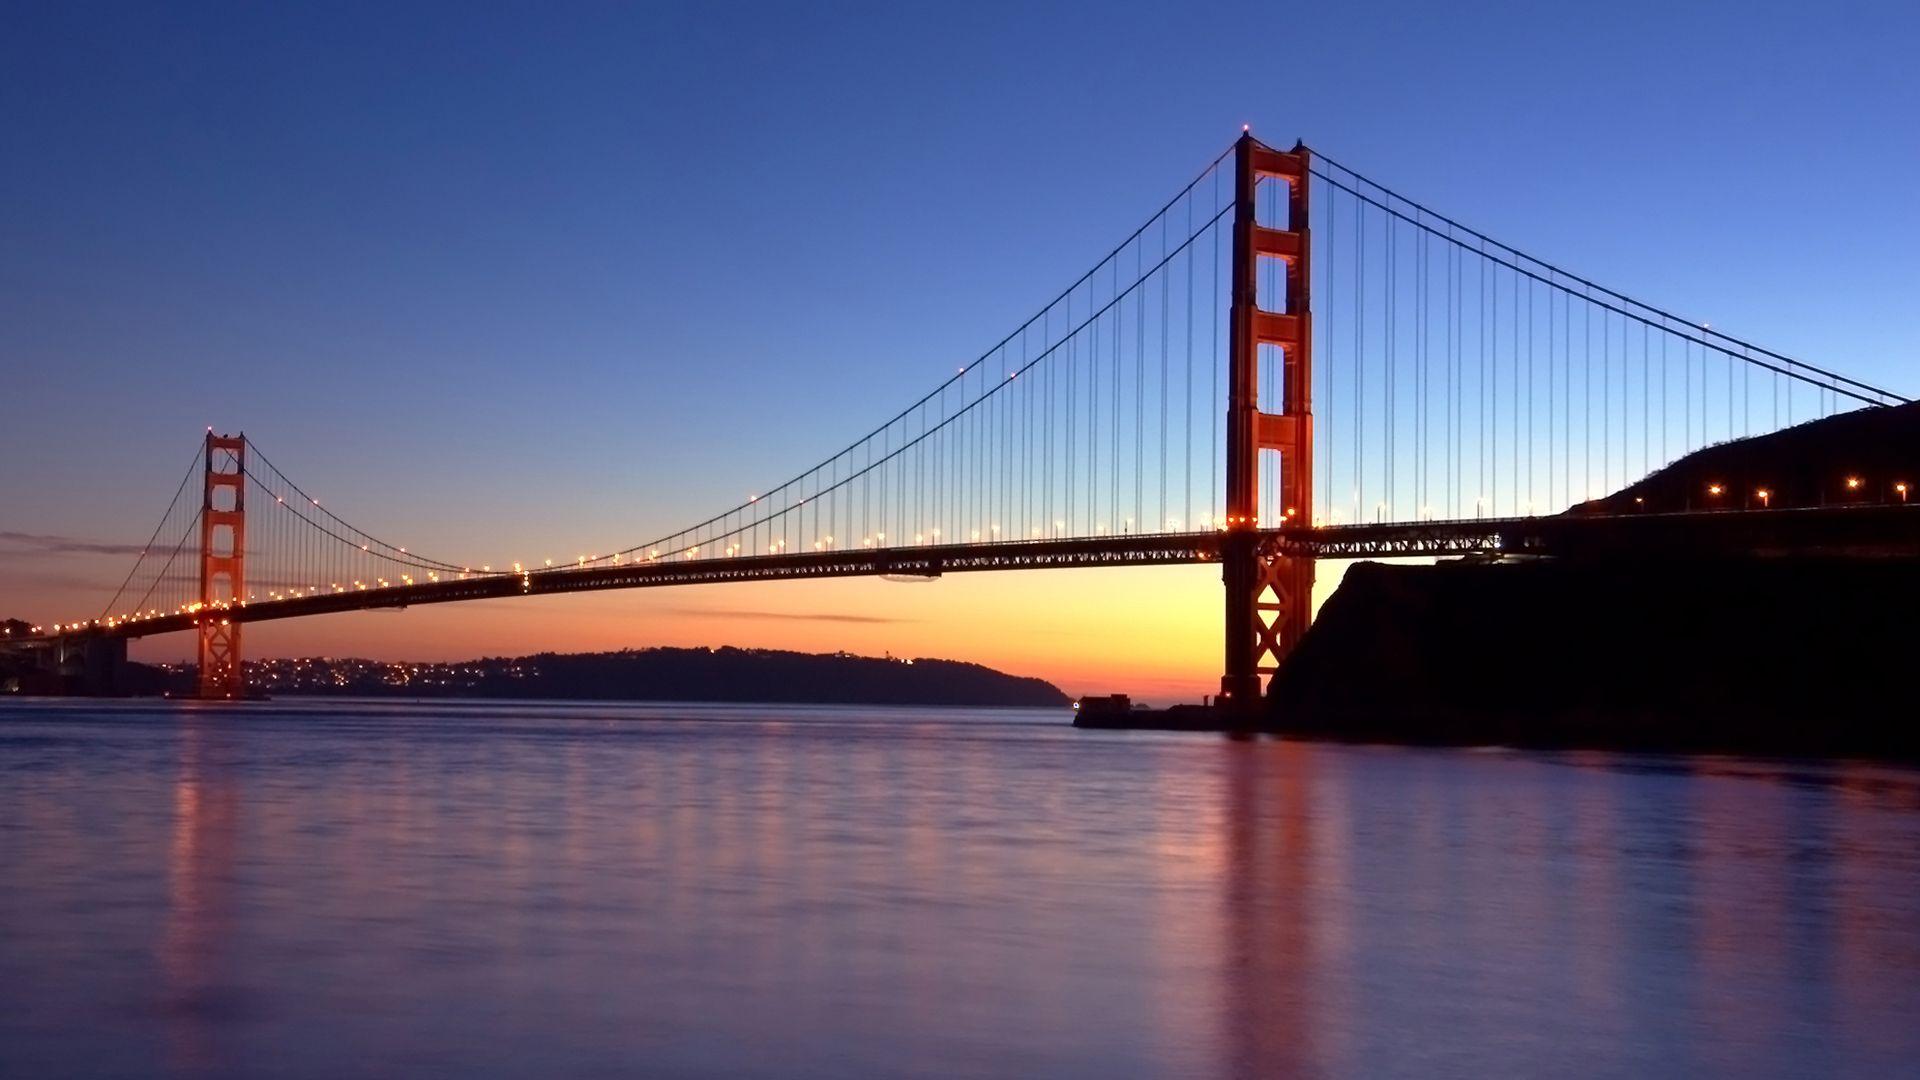 Golden Gate Bridge #2